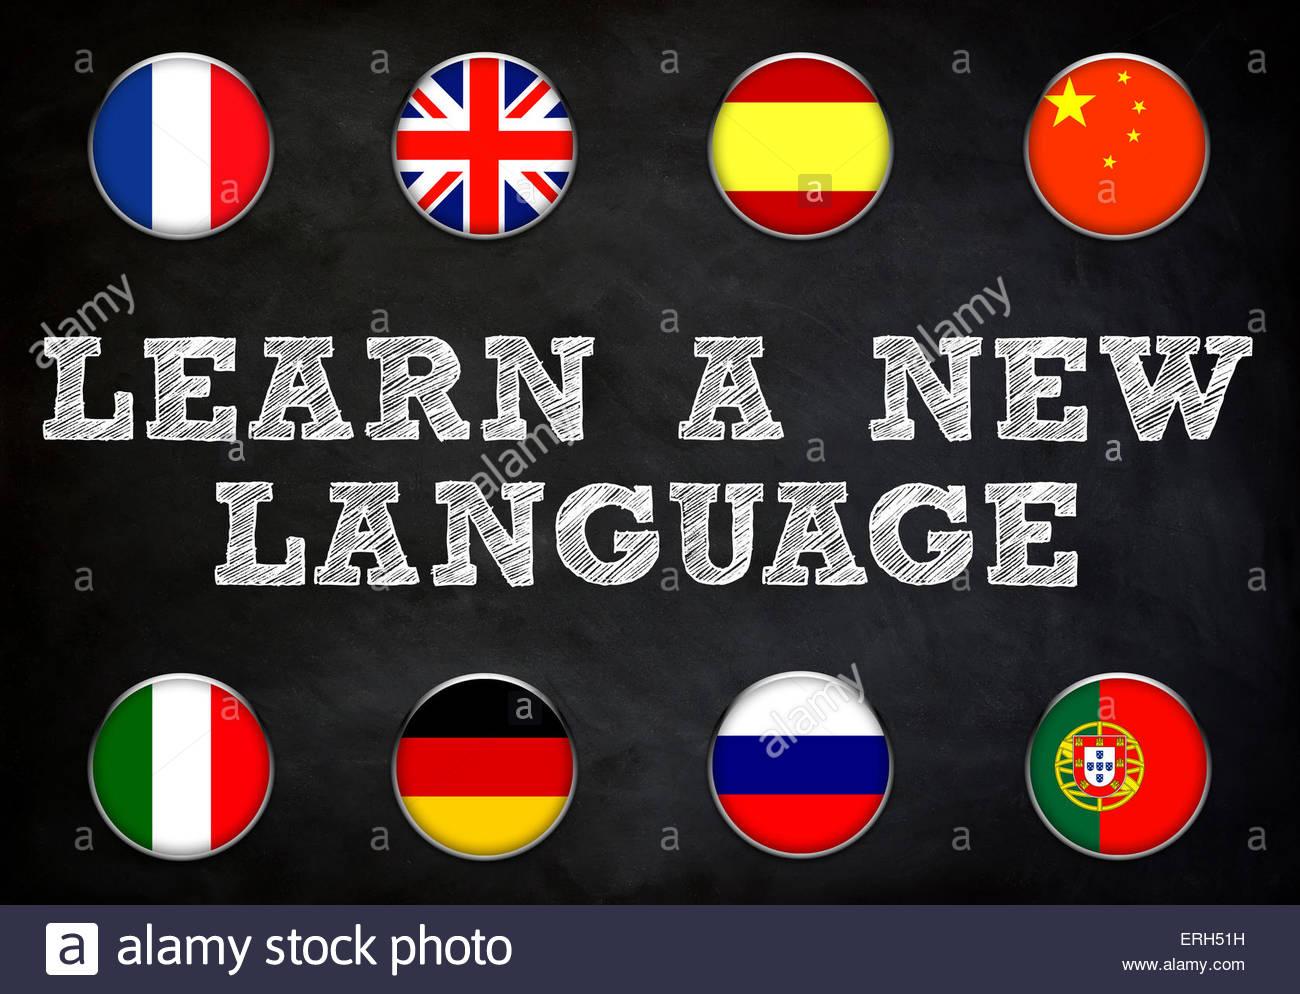 Apprendre une nouvelle langue - tableau noir illustration Photo Stock